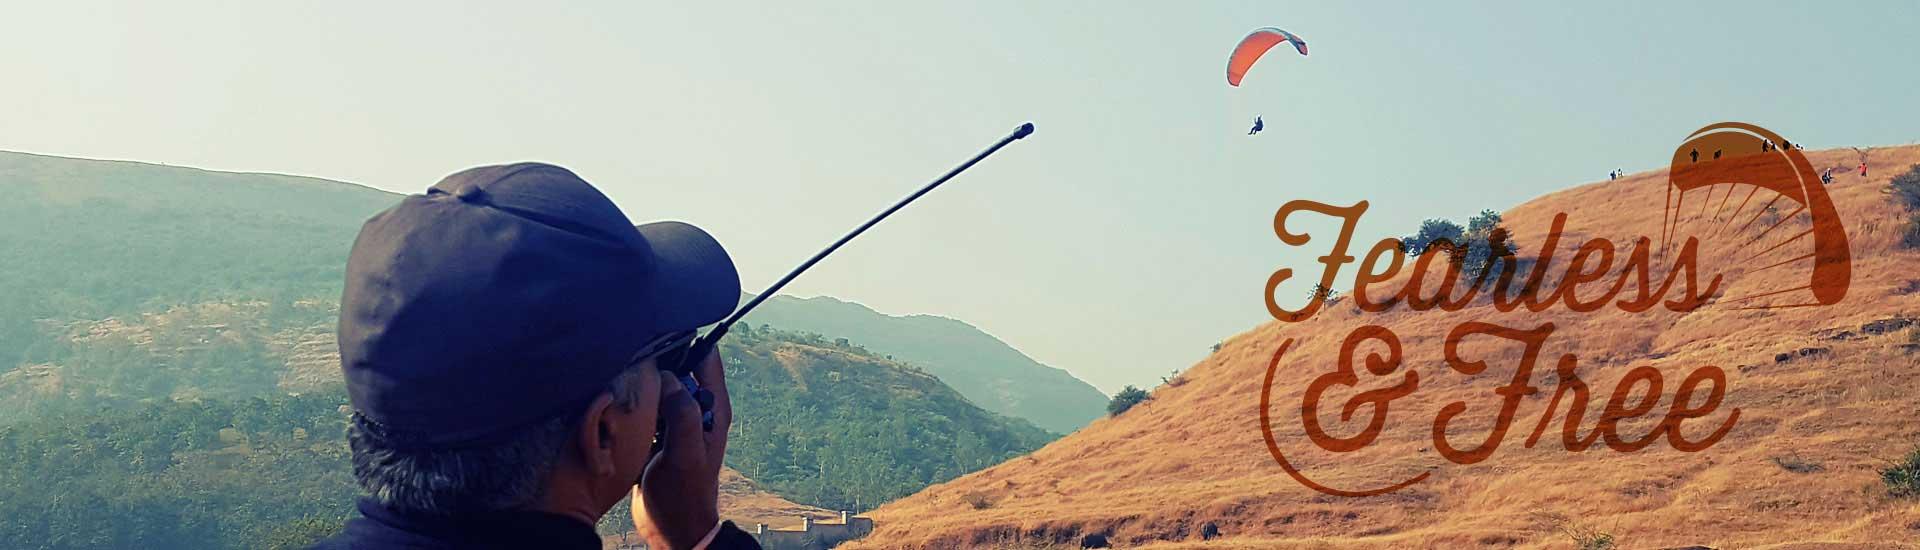 Paragliding Courses in Kamshet, Maharashtra - Temple Pilots